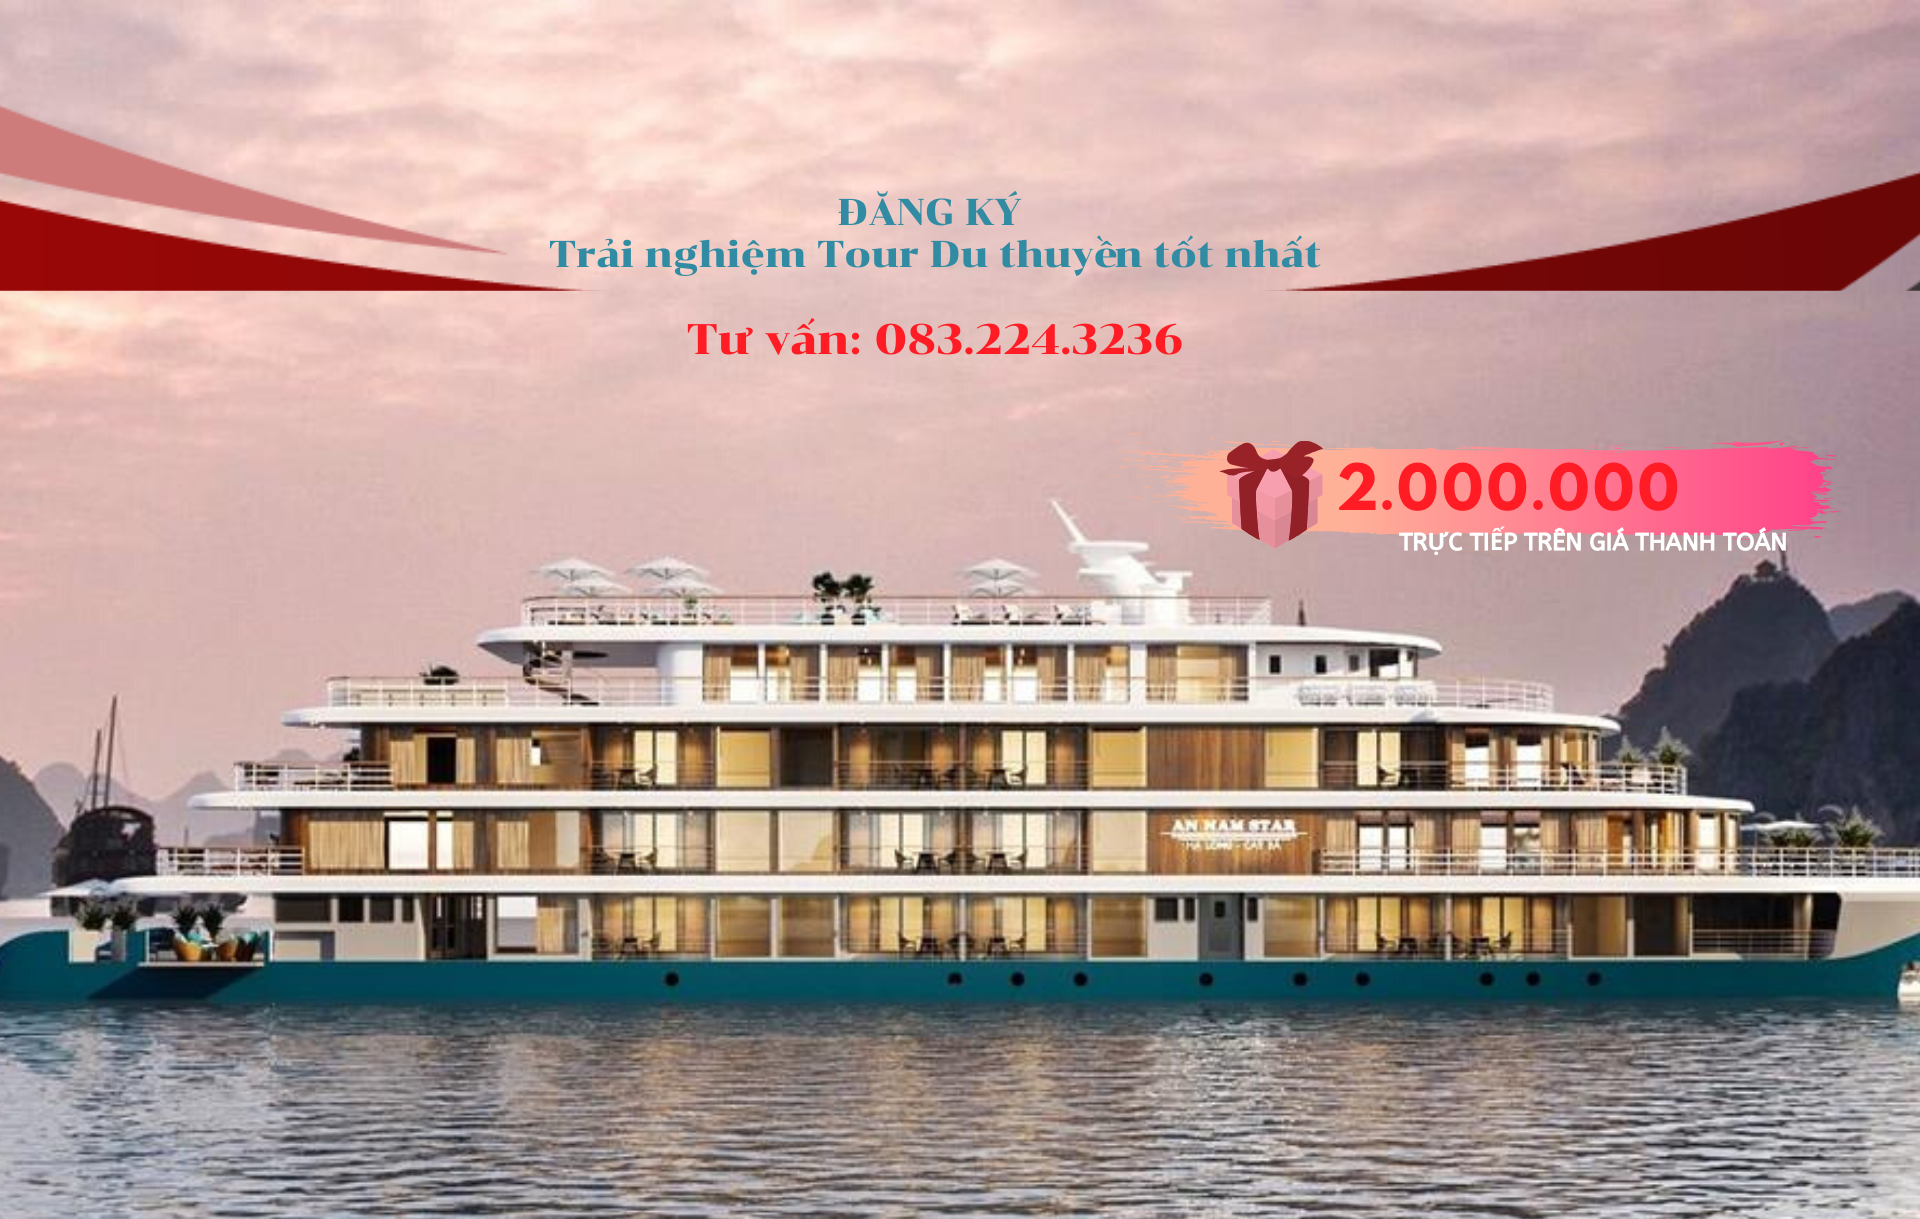 Tặng ngay VOUCHER trị giá 2 TRIỆU khi đăng ký trải nghiệm tour Du thuyền